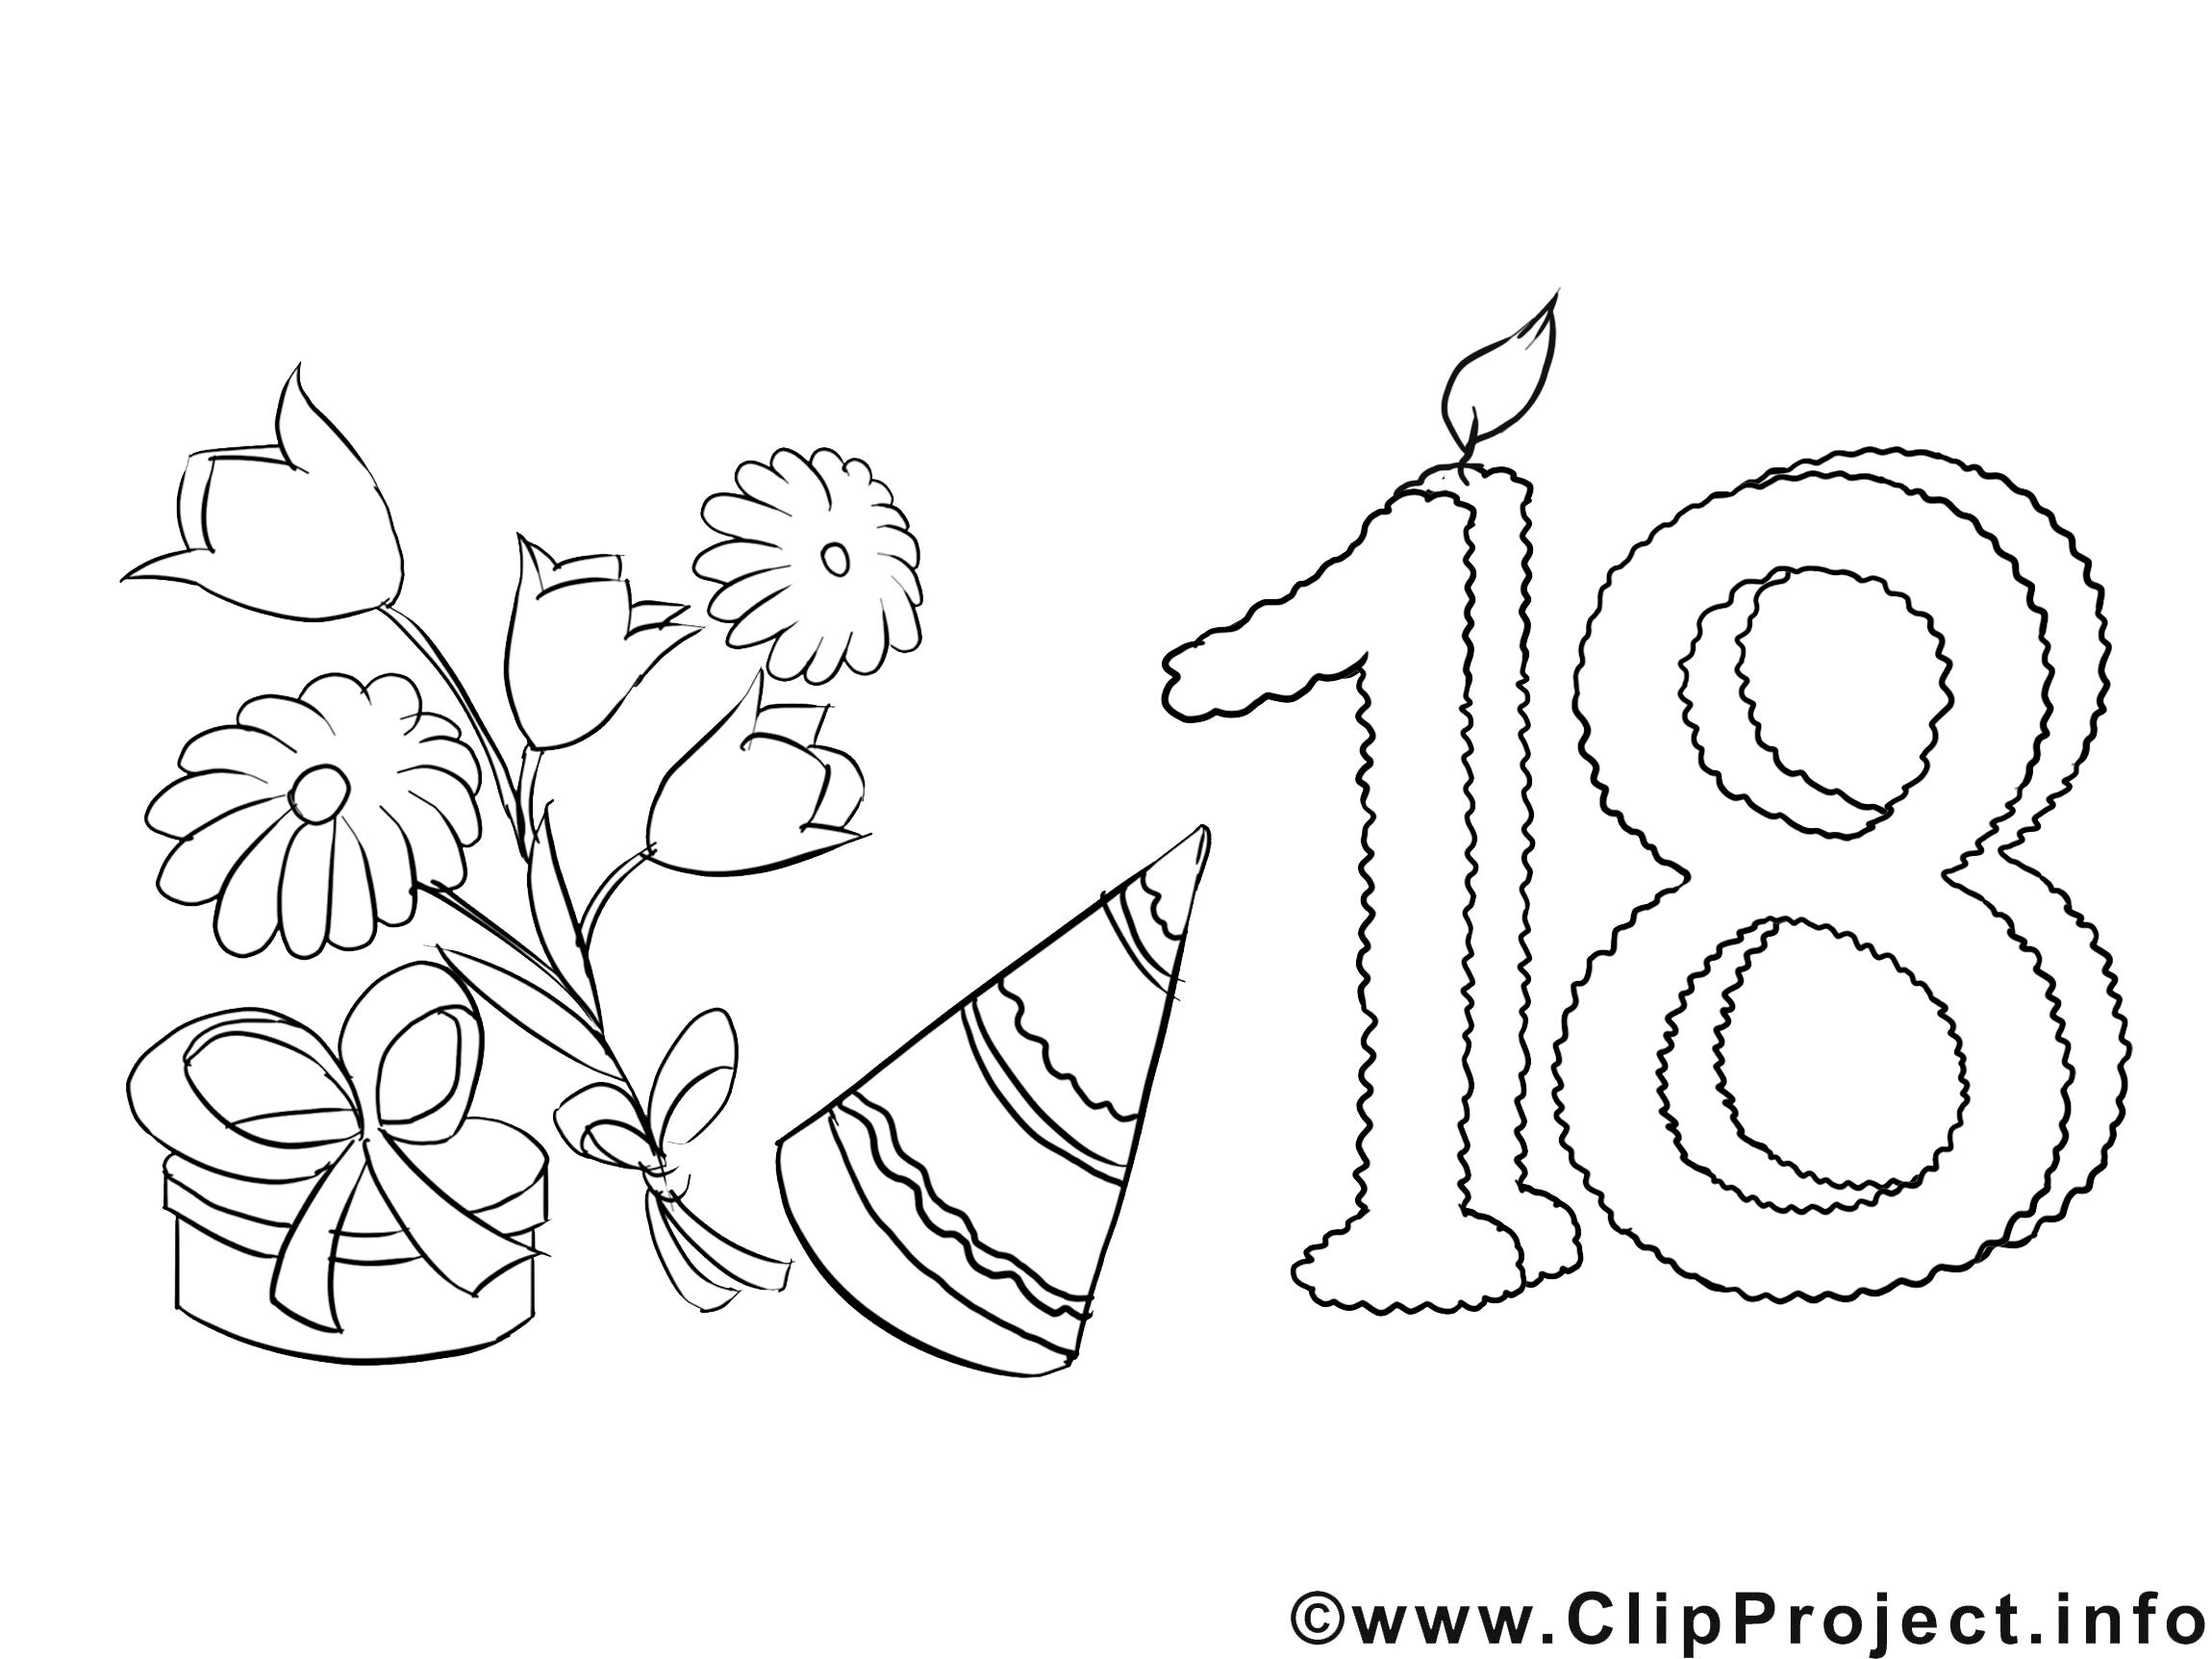 Cliparts zum 18 geburtstag png library stock Einladung 18 Geburtstag Malvorlage kostenlos png library stock